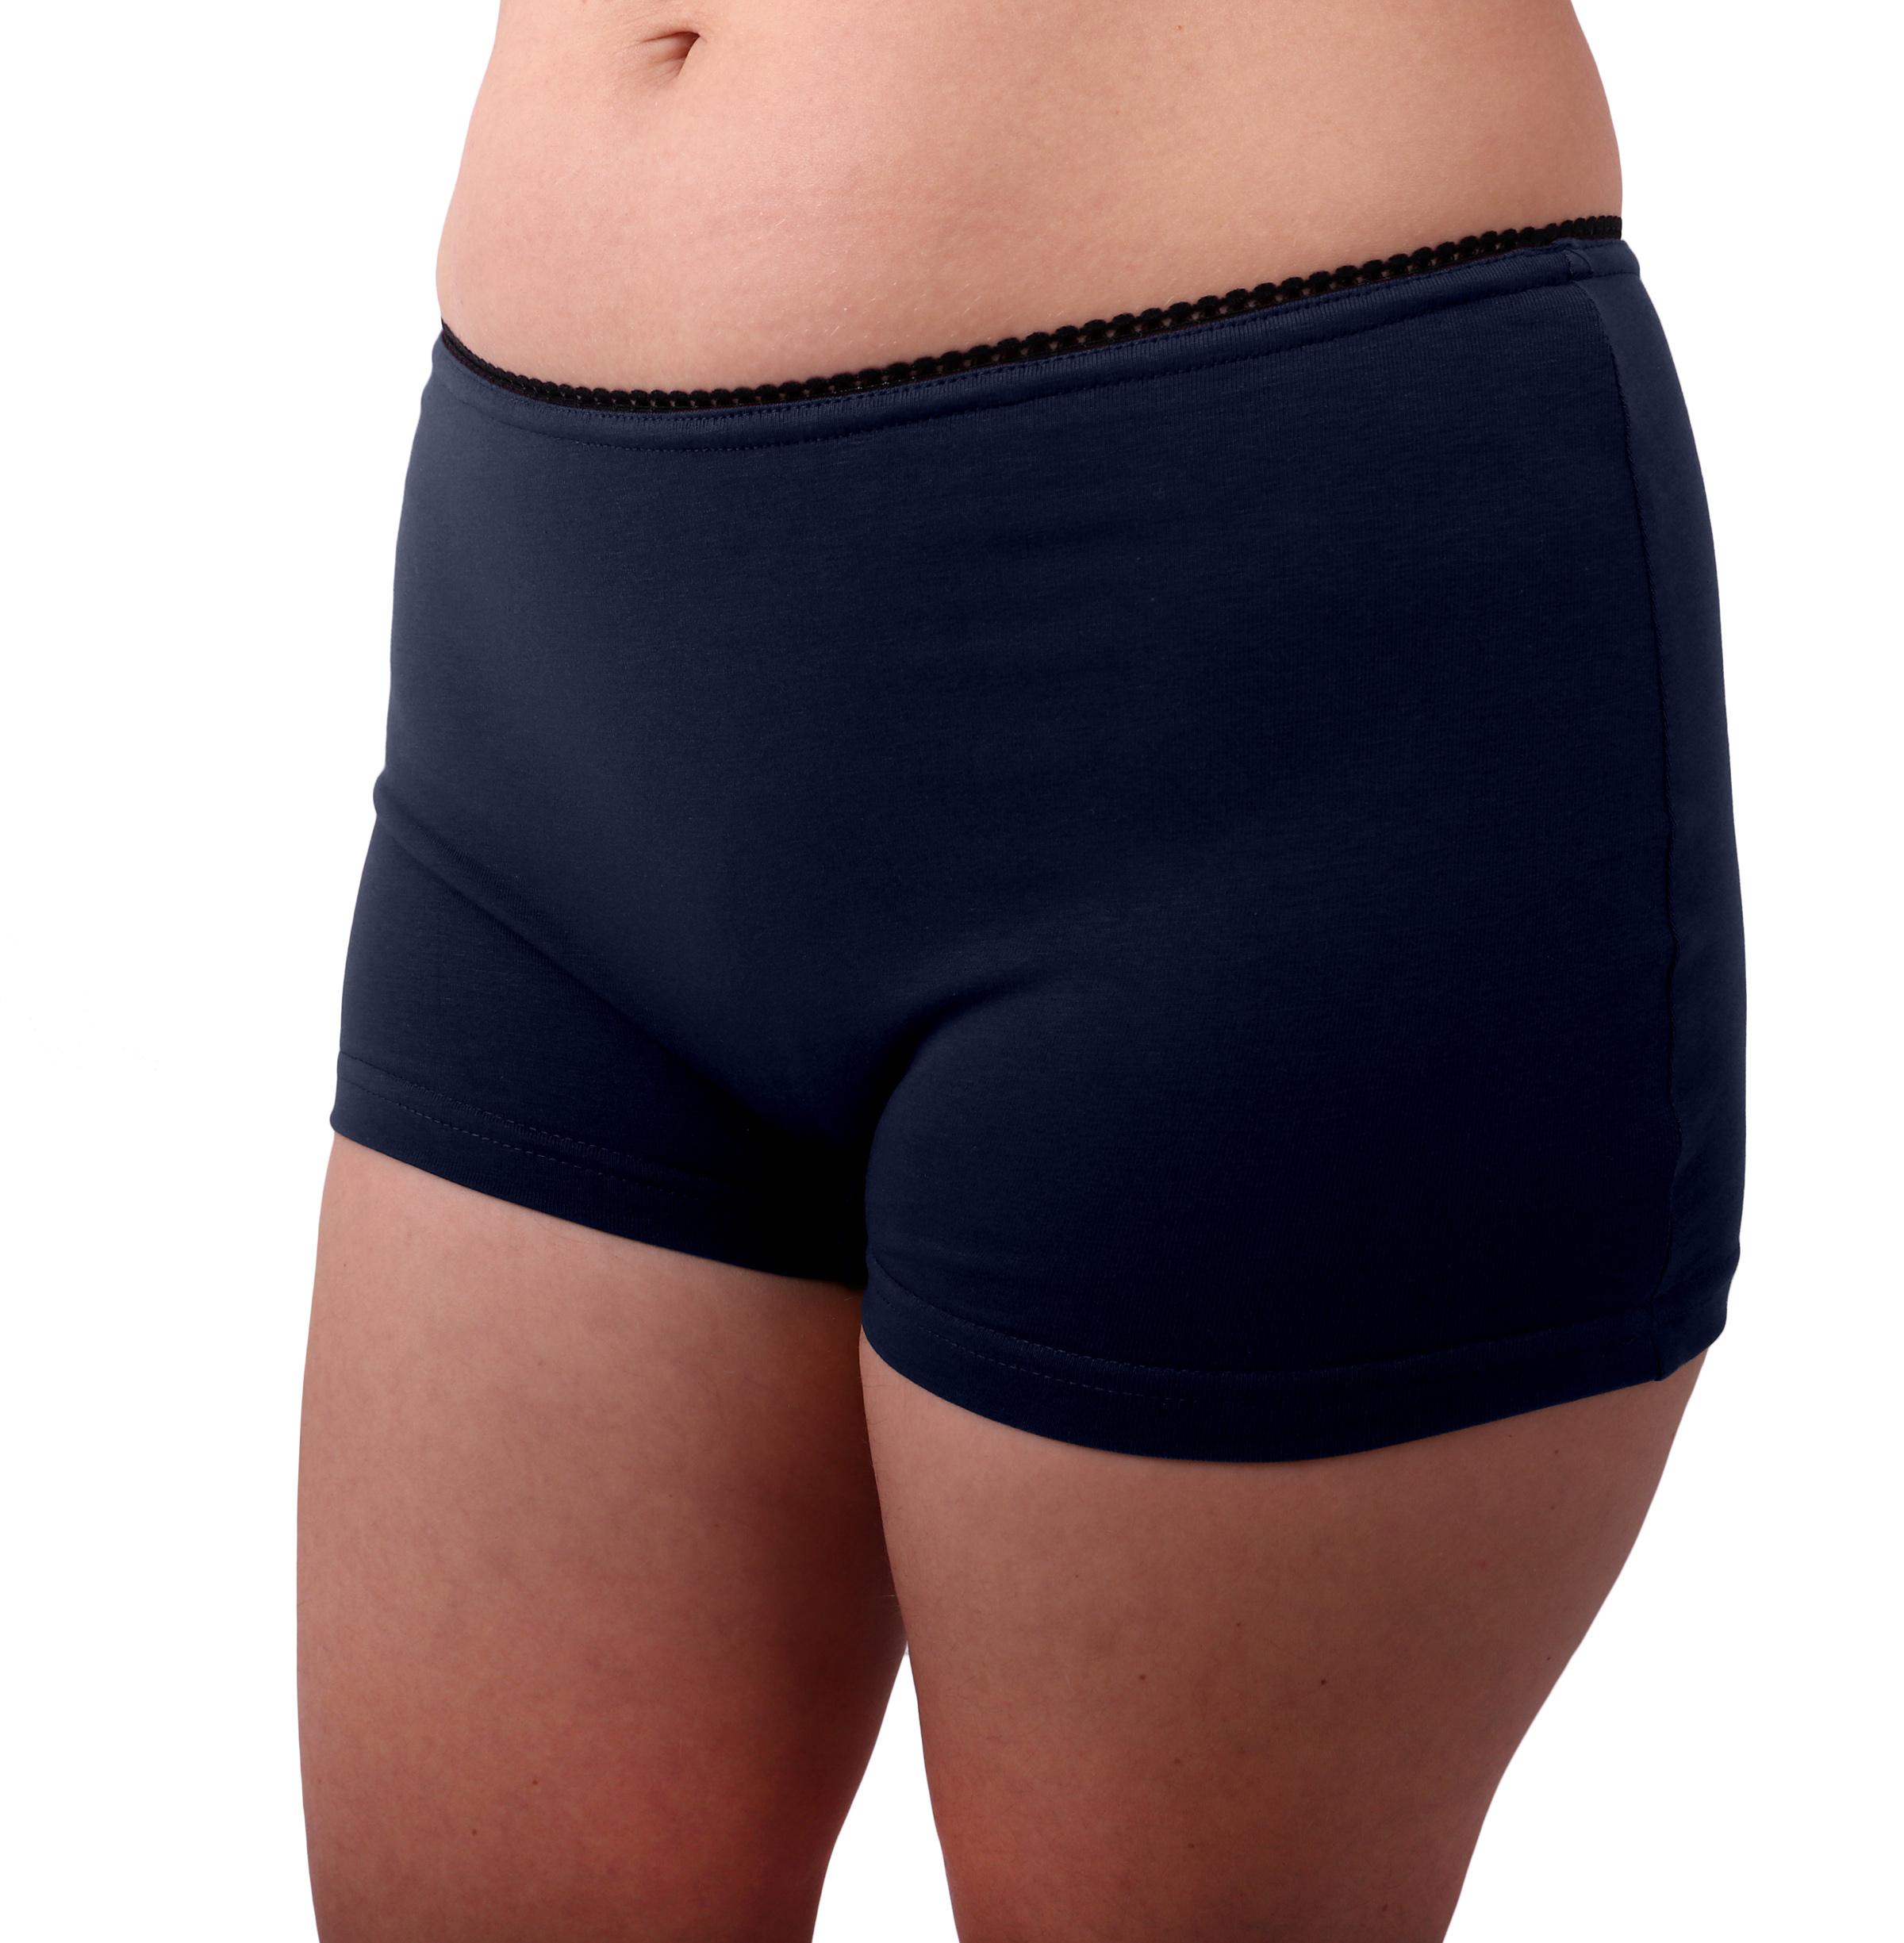 Dámské kalhotky bavlněné, nohavičkové, tmavě modré, 50